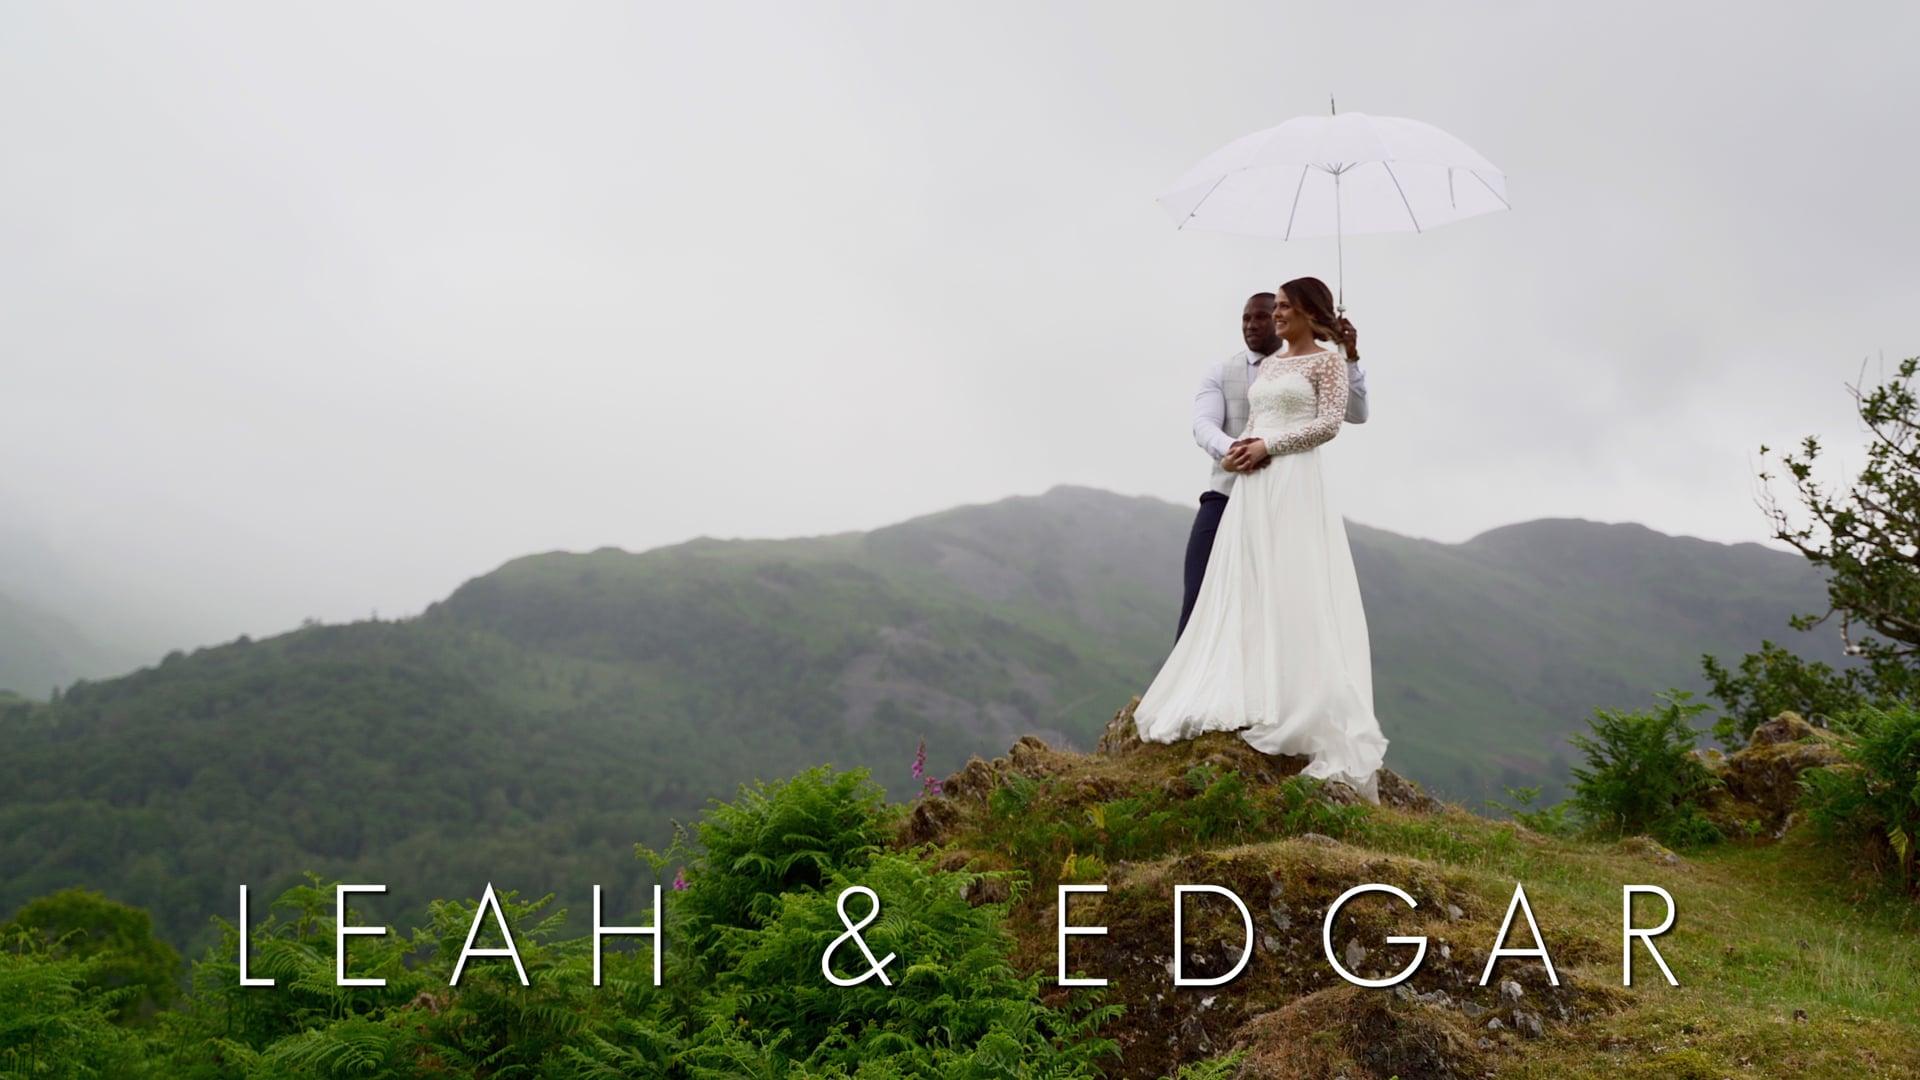 Leah & Edgar's Wedding Film | The Daffodil Hotel, Grasmere